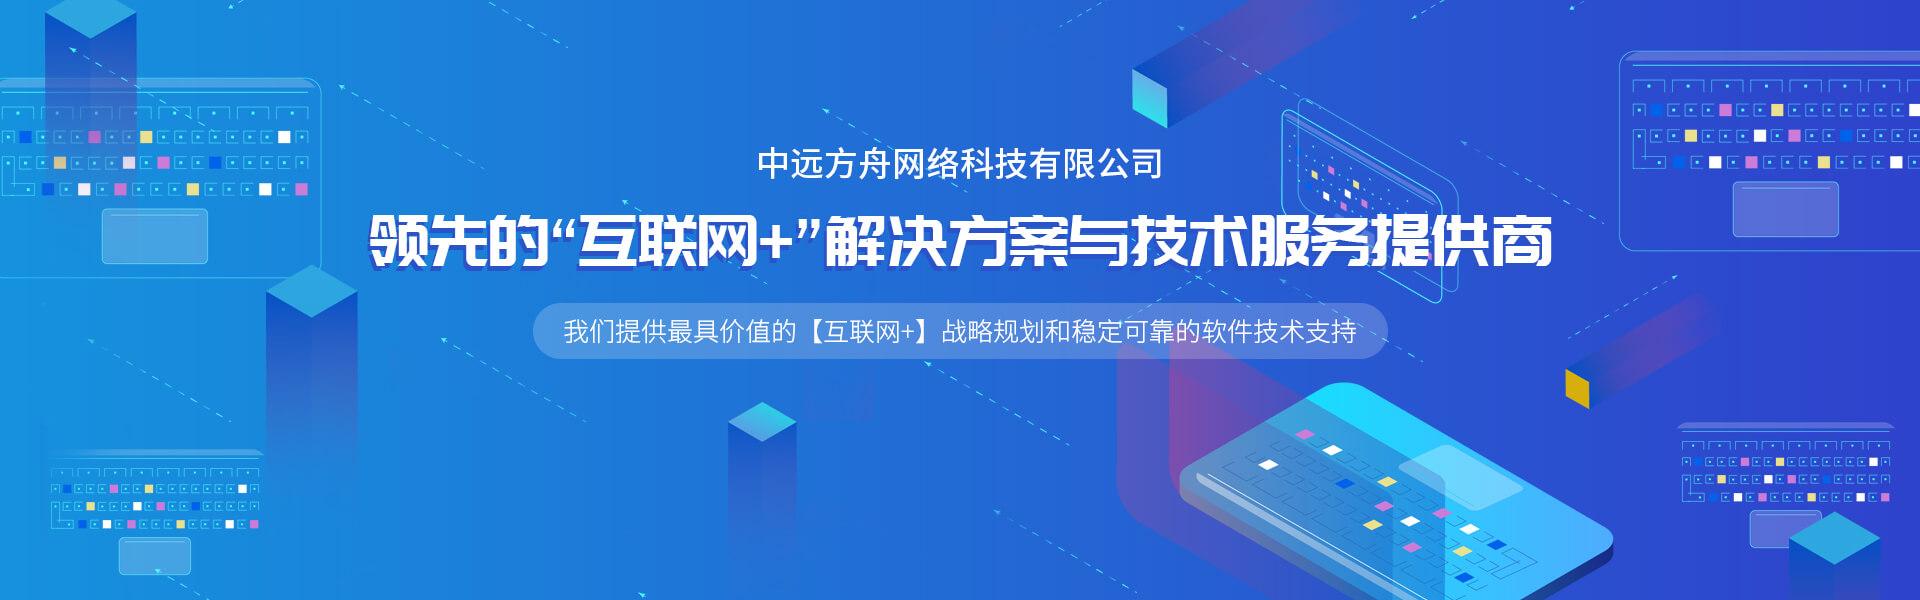 中远方舟网络科技有限公司